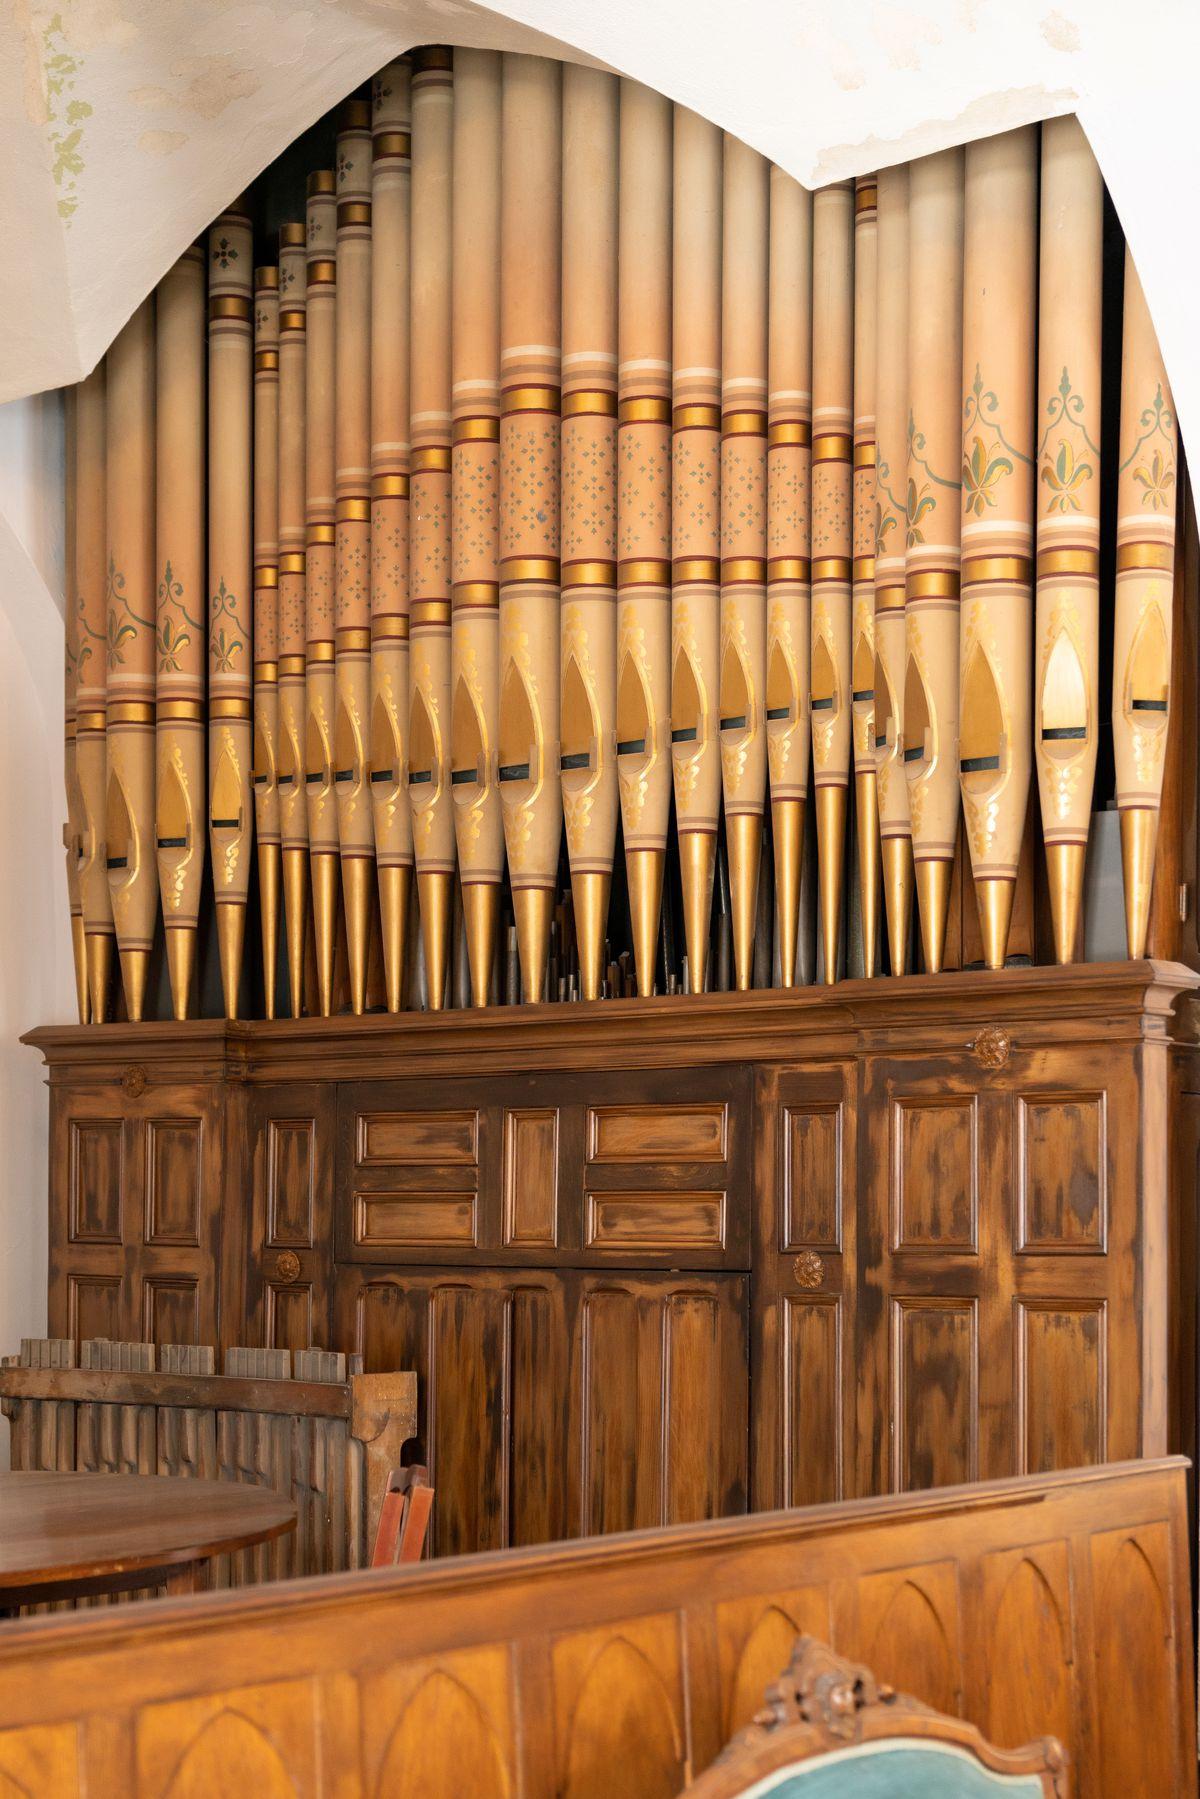 A pipe organ.